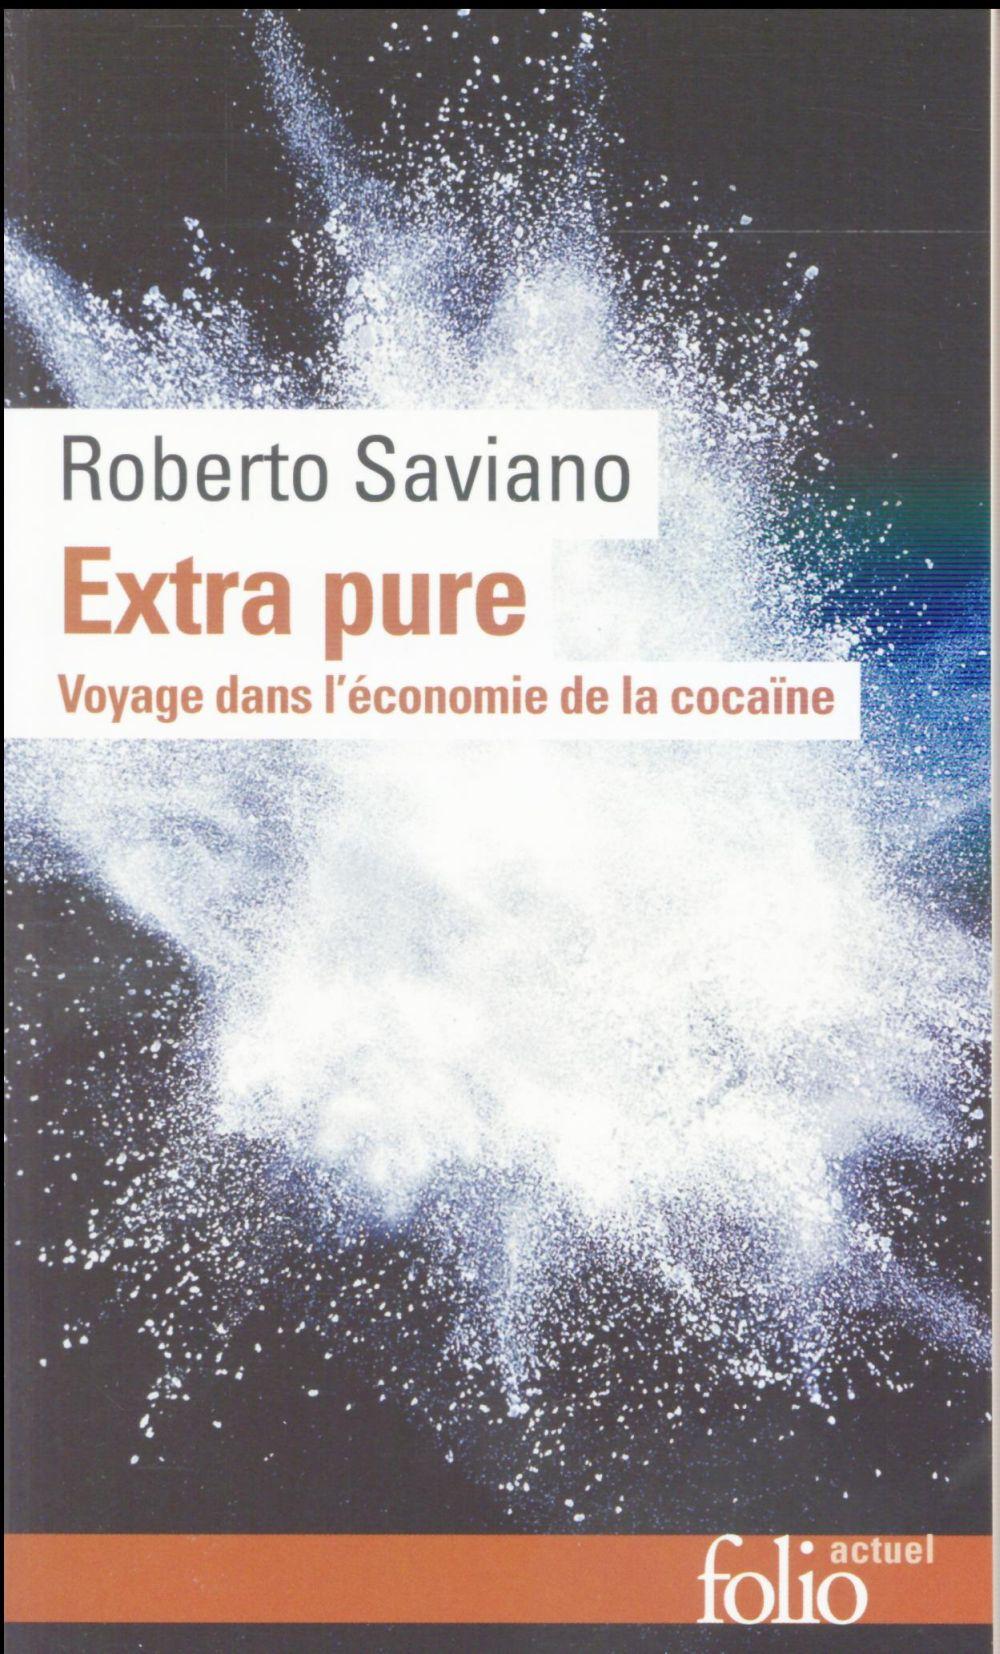 EXTRA PURE - VOYAGE DANS L'ECONOMIE DE LA COCAINE